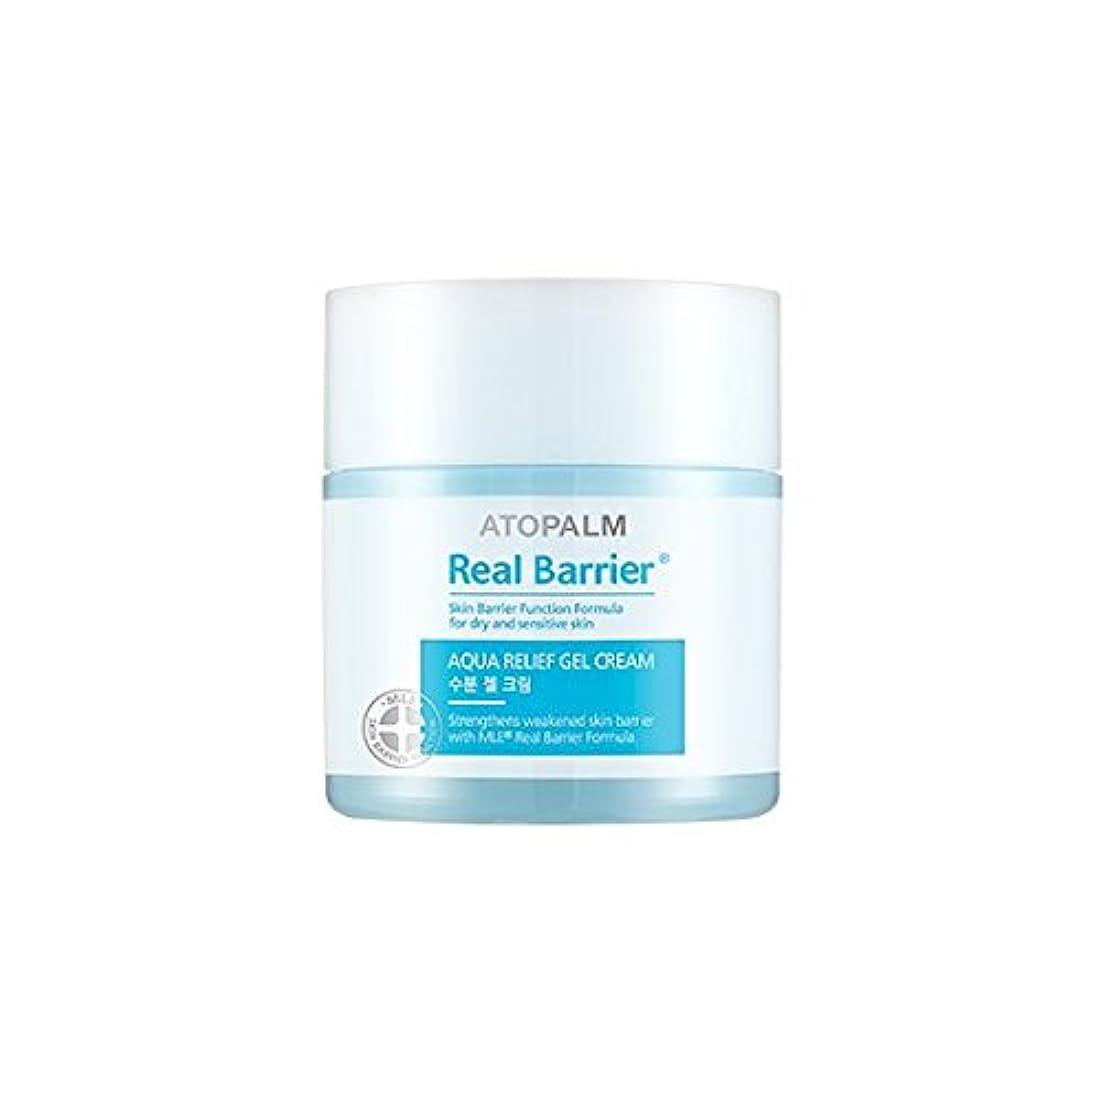 習字スリット幽霊ATOPALM Real Barrier Aqua Relief Gel Cream 50ml/アトパーム リアル バリア アクア リリーフ ジェル クリーム 50ml [並行輸入品]